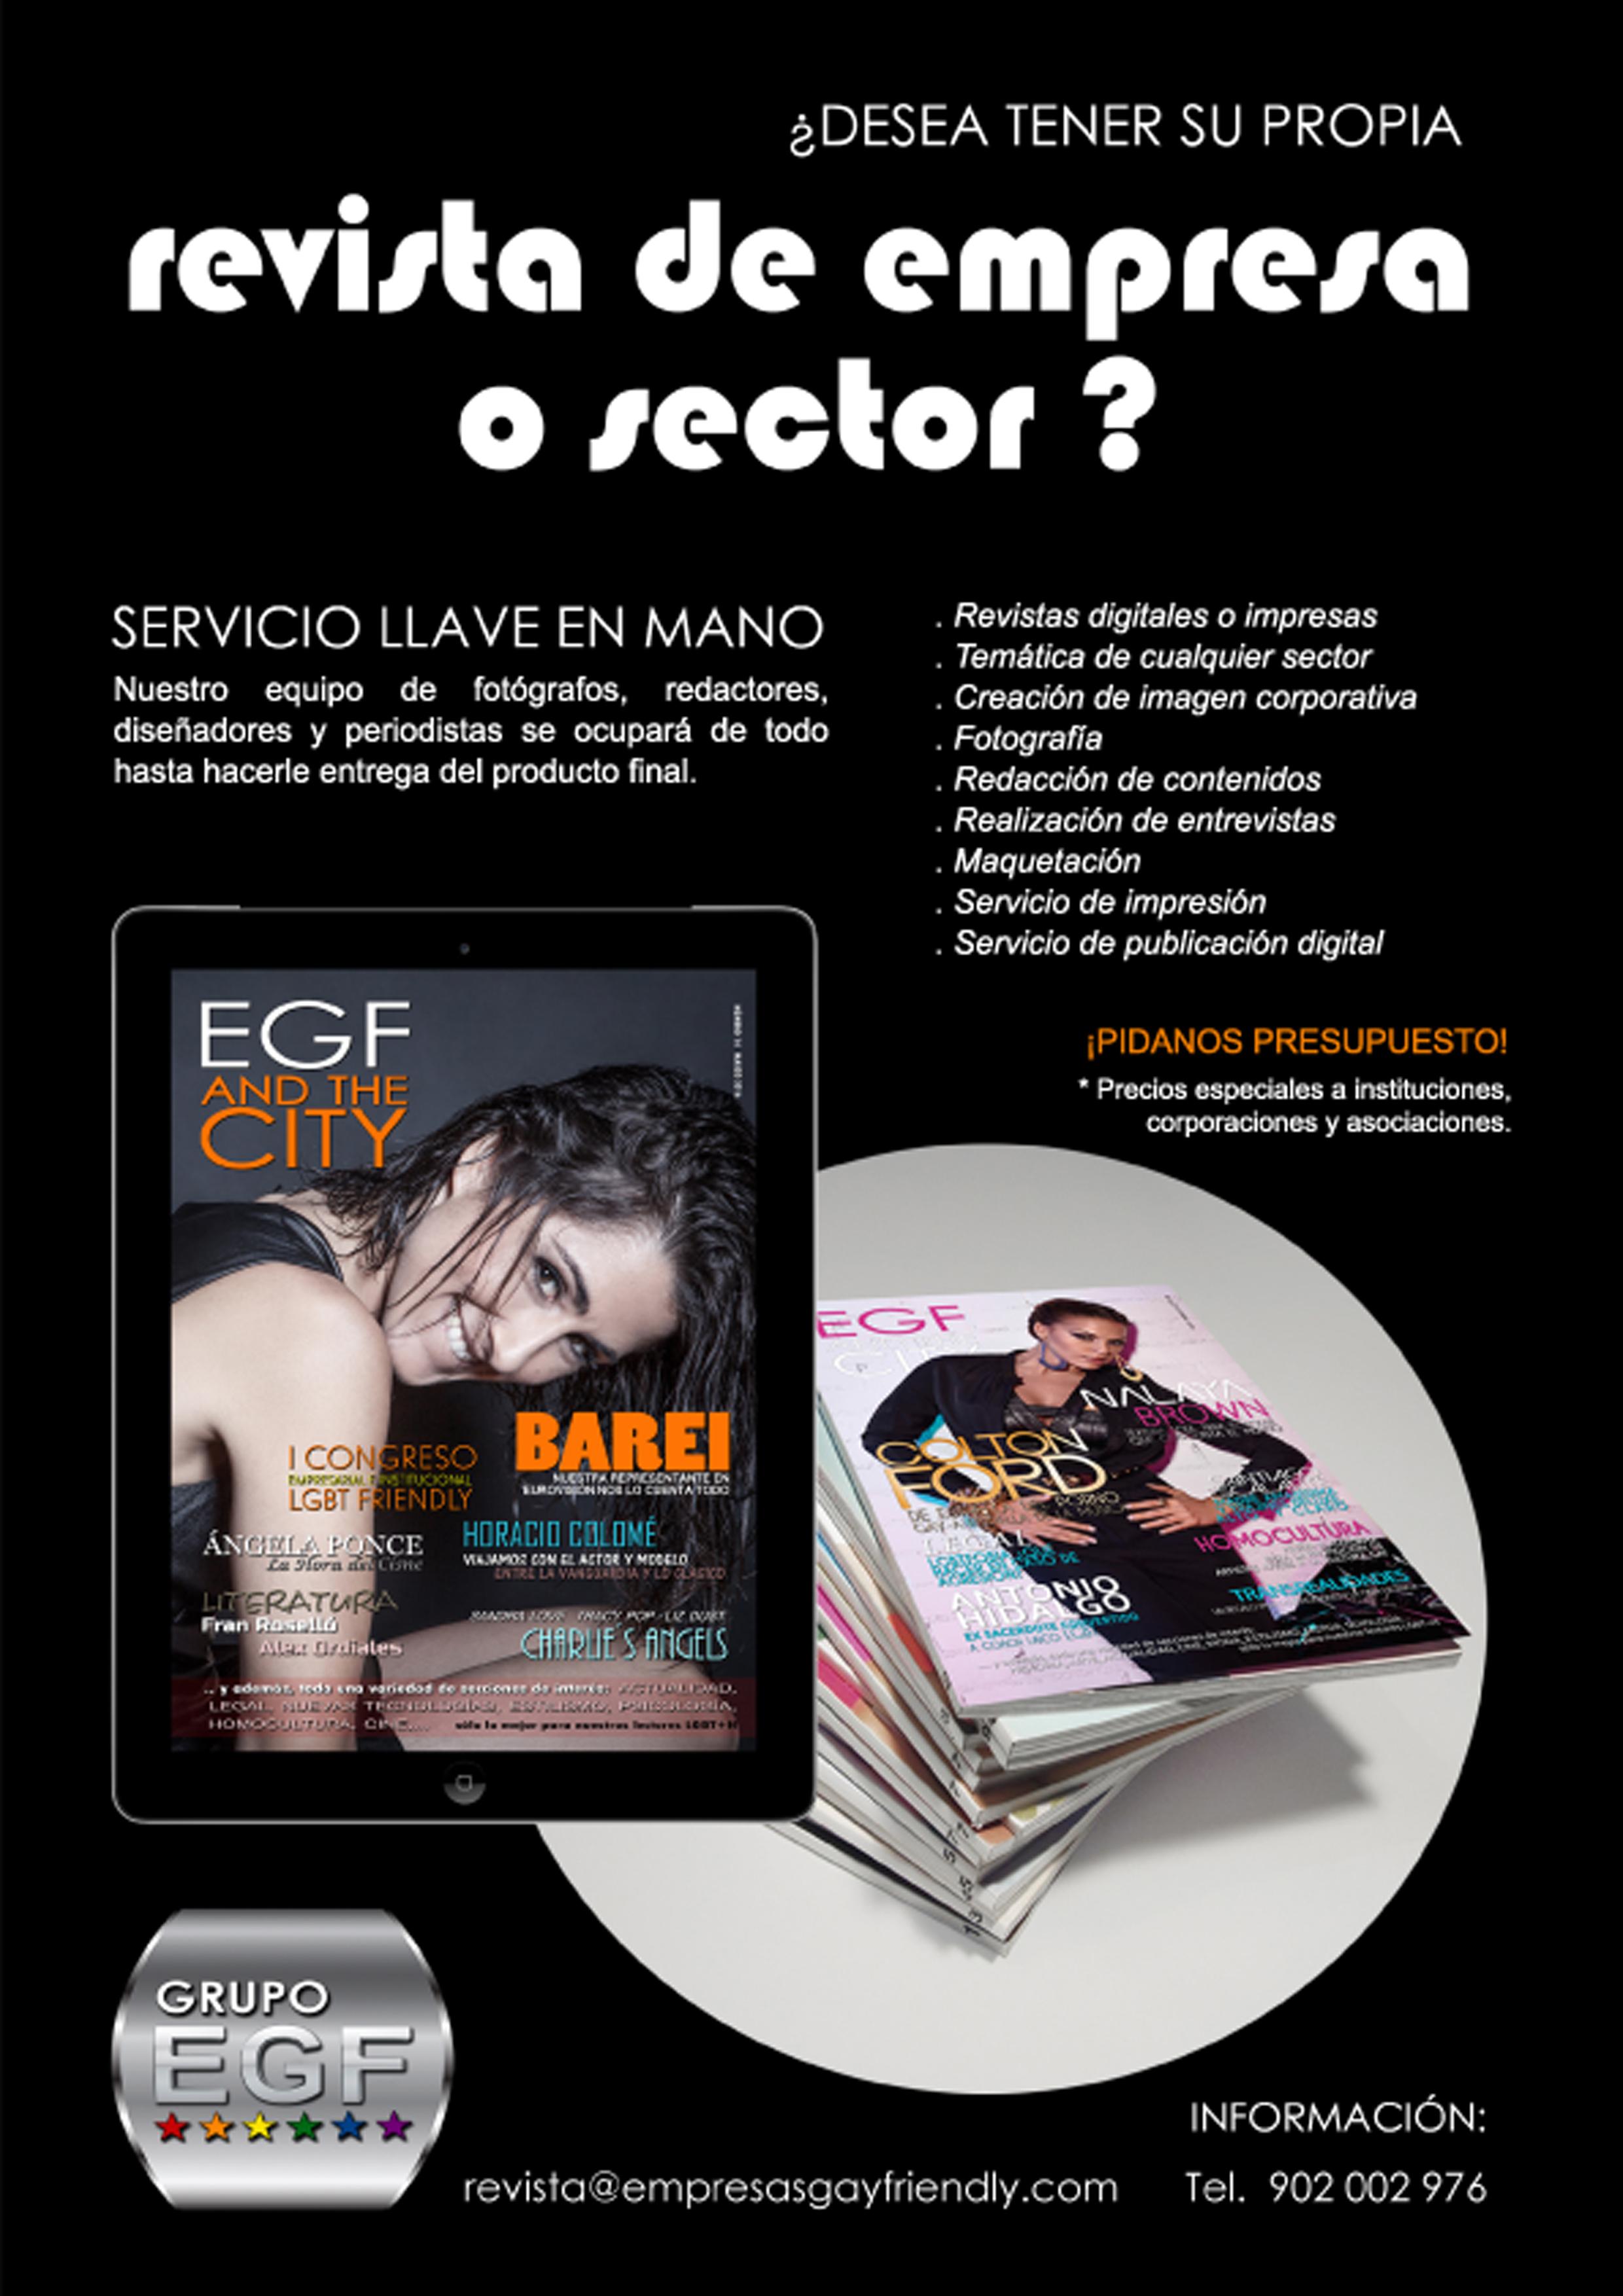 Revista de empresa ofrecida por Grupo EGF